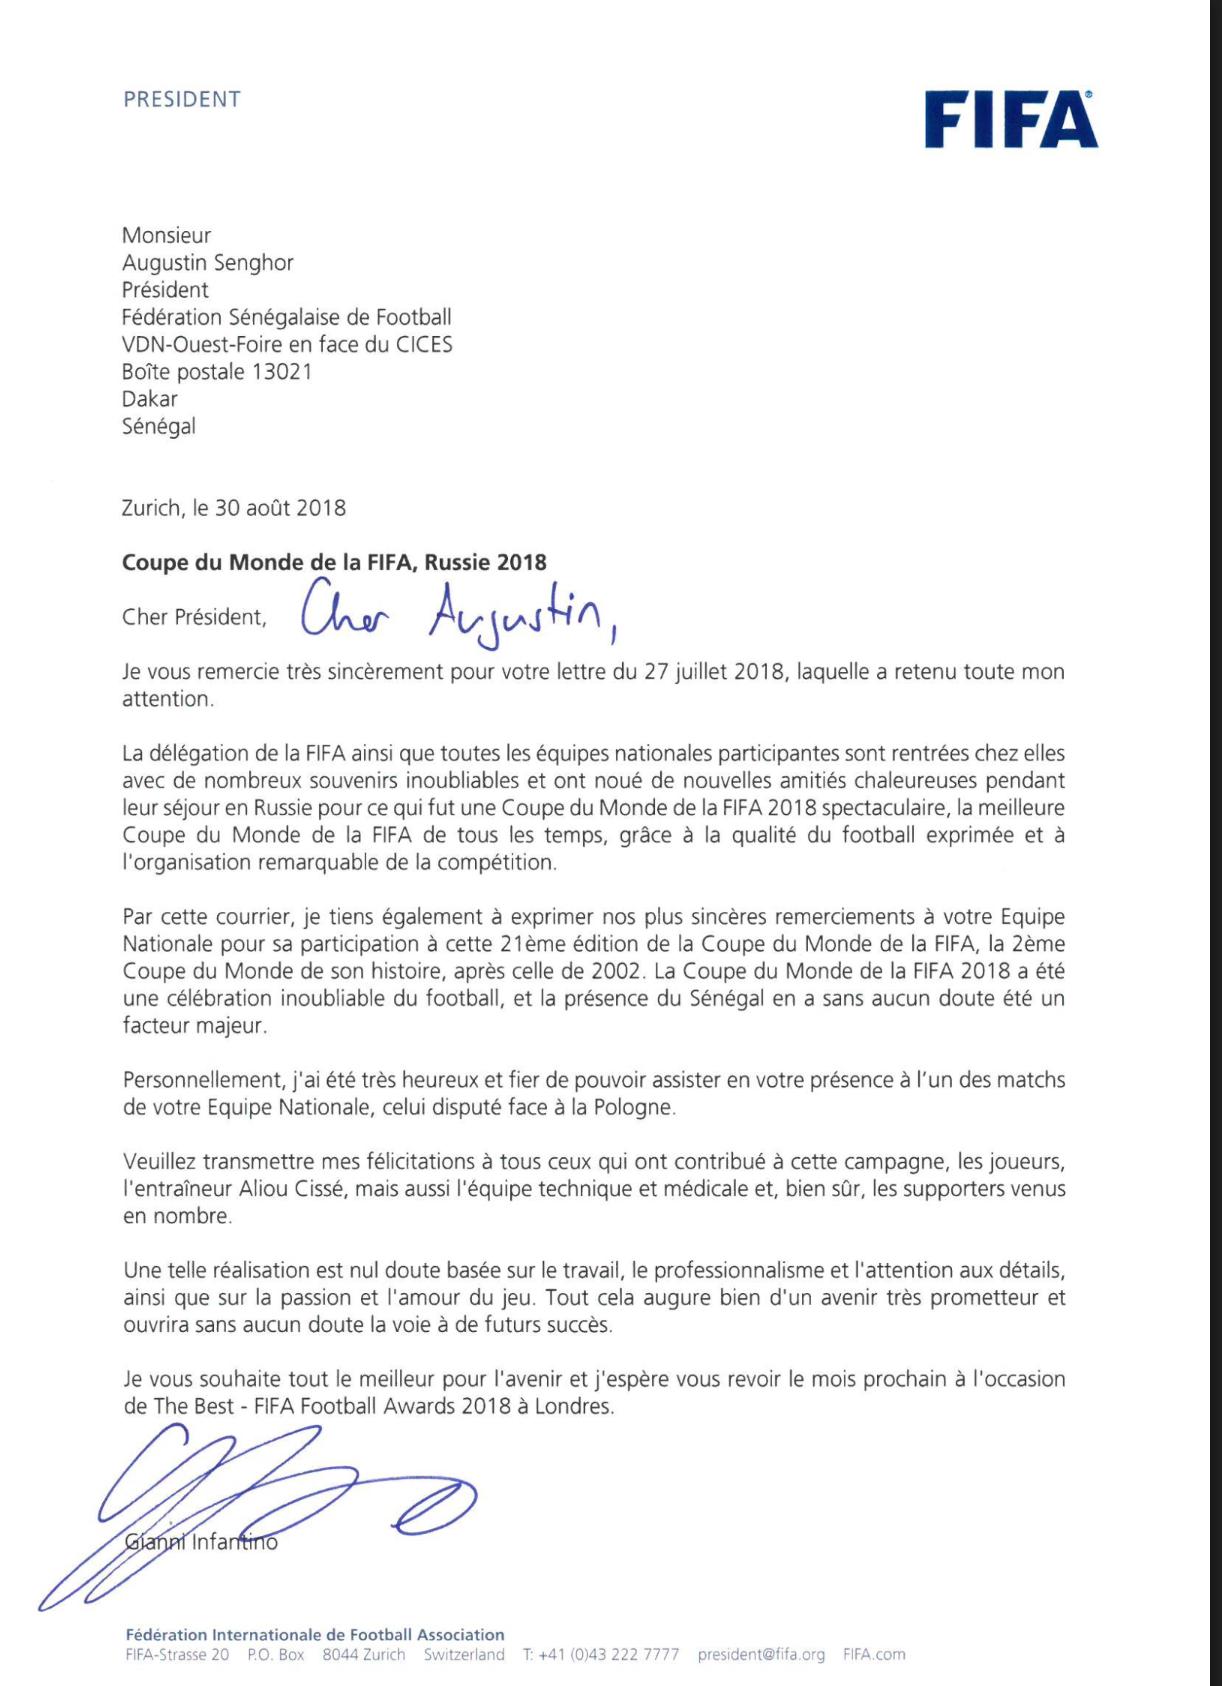 PARTICIPATION A LA COUPE DU MONDE : La lettre de remerciements de la FIFA à la Fédération Sénégalaise de Football (DOCUMENT)